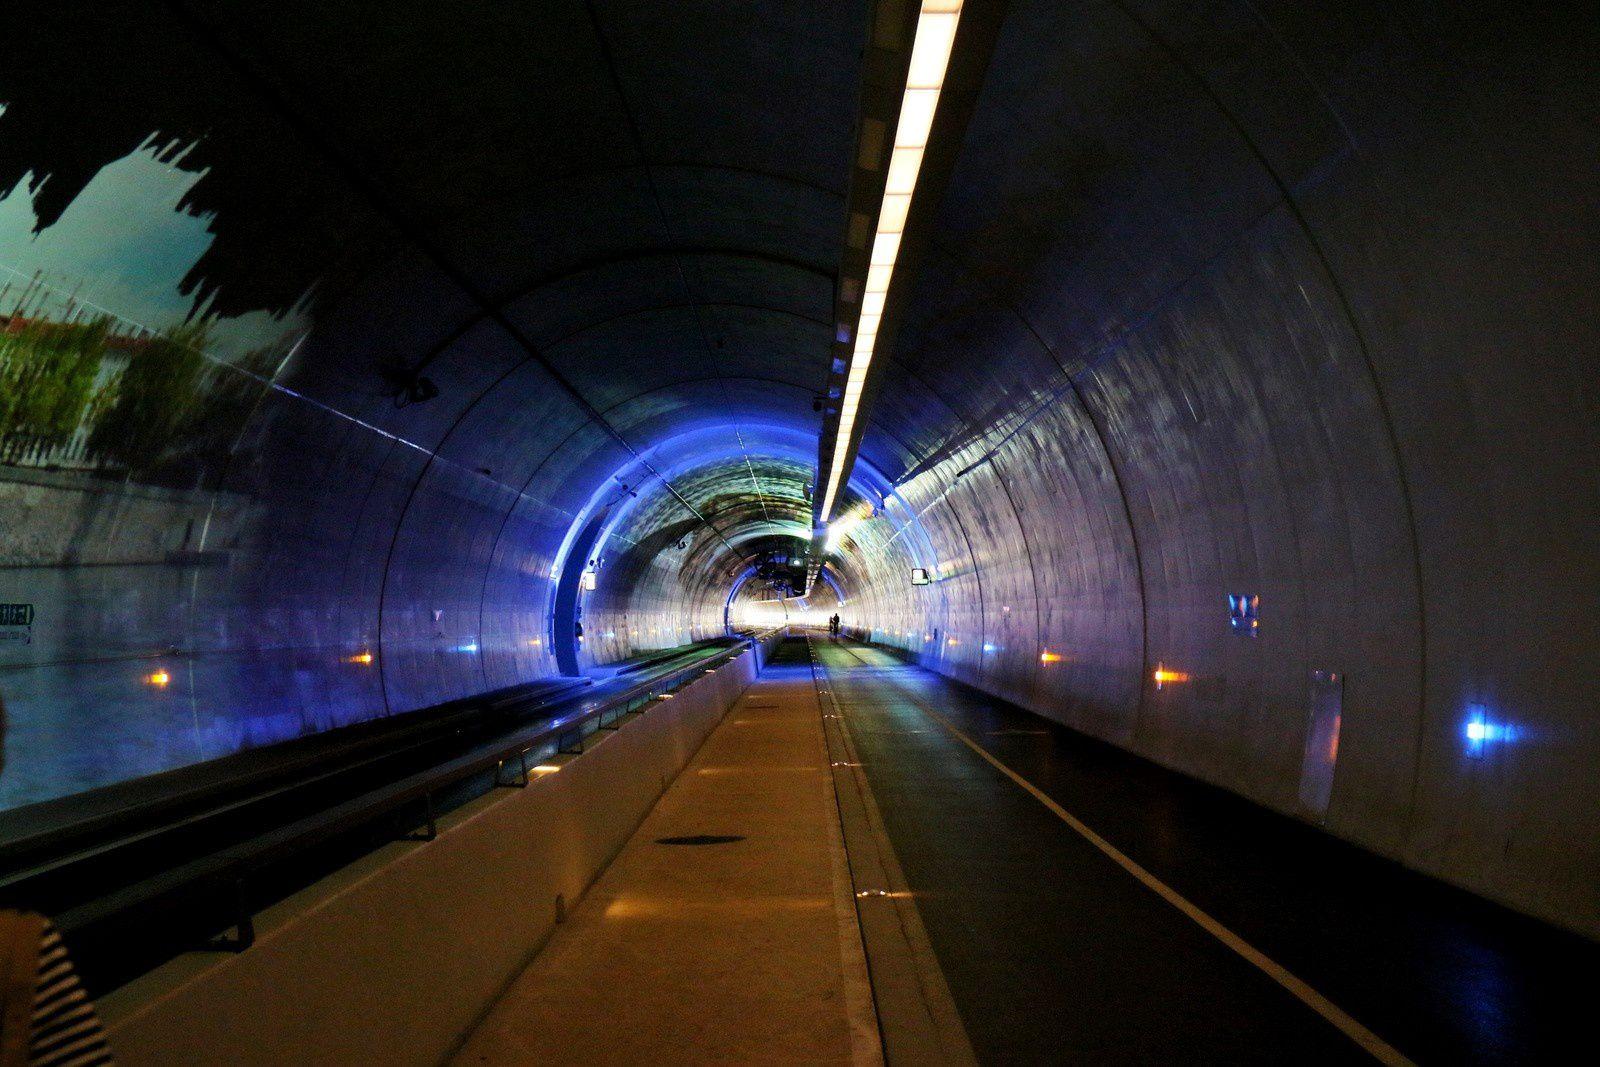 Tunnel de la Croix Rousse, images projetées sur les parois (2/2)